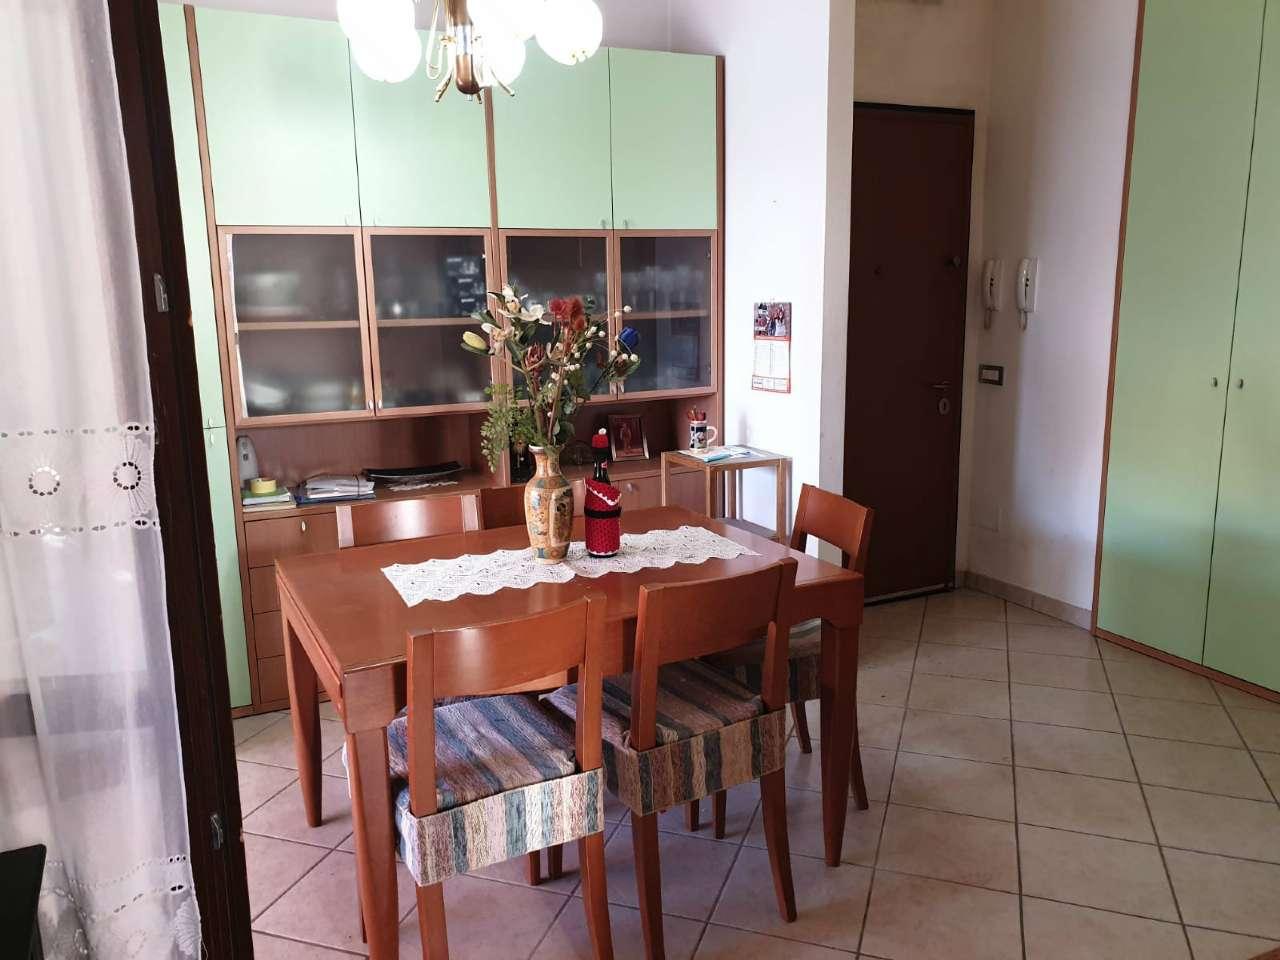 Appartamento in vendita a Agugliano, 3 locali, prezzo € 118.000   CambioCasa.it